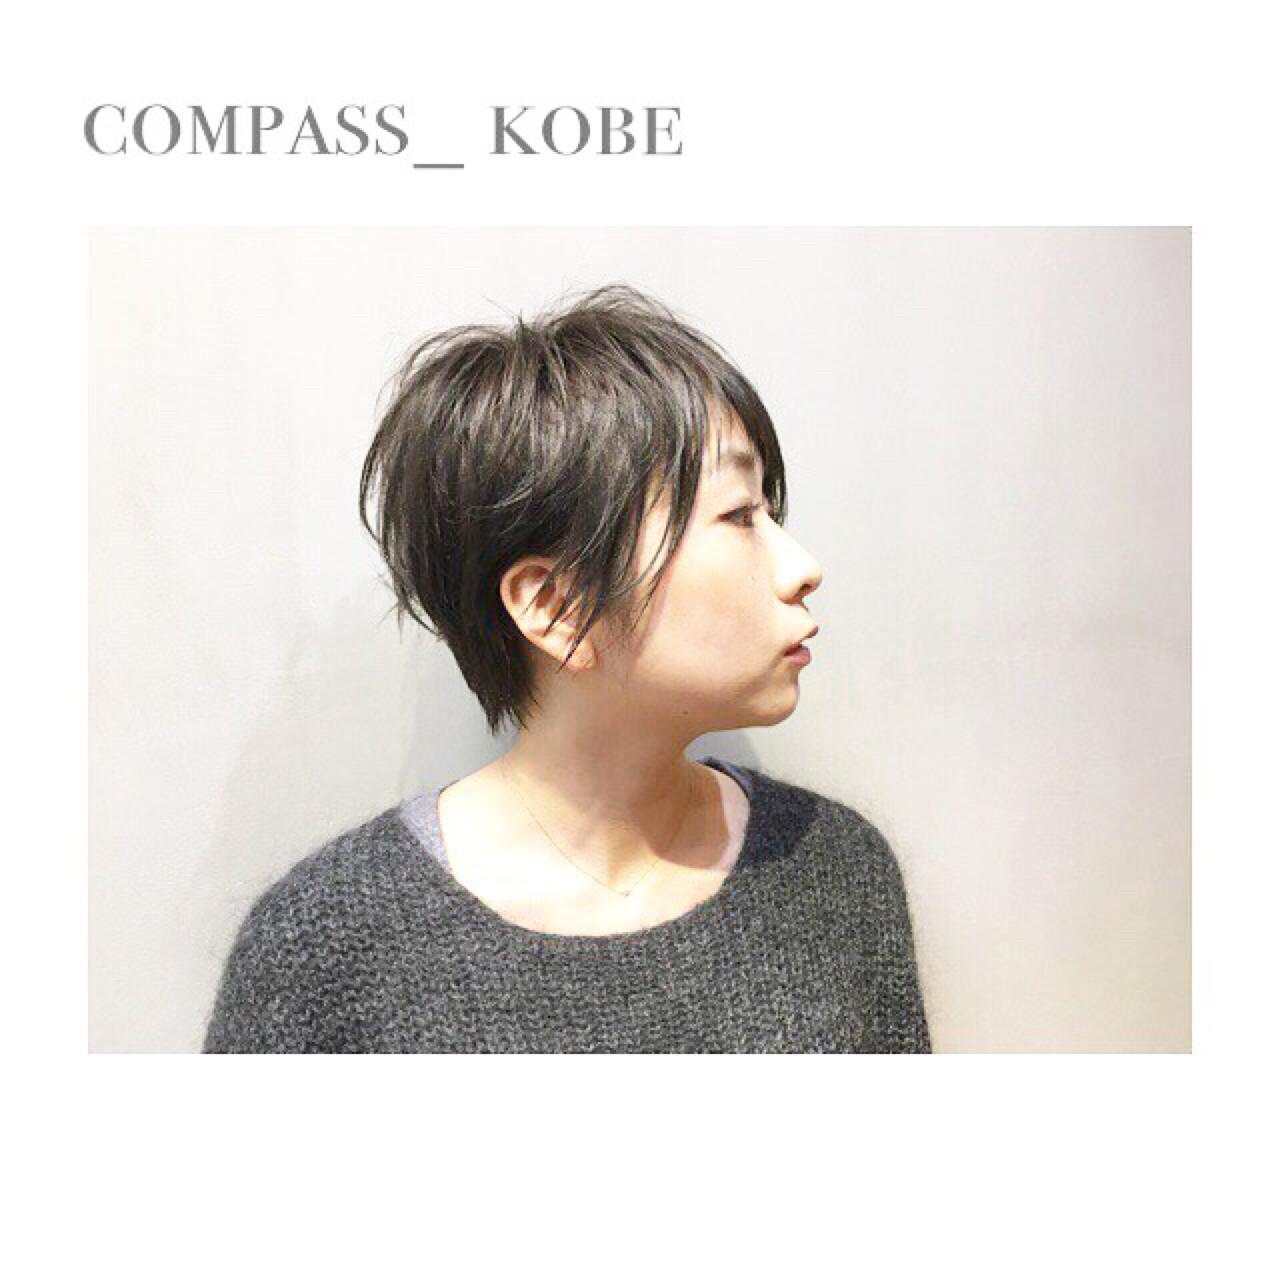 クールなショートヘア × カーキアッシュ ☆